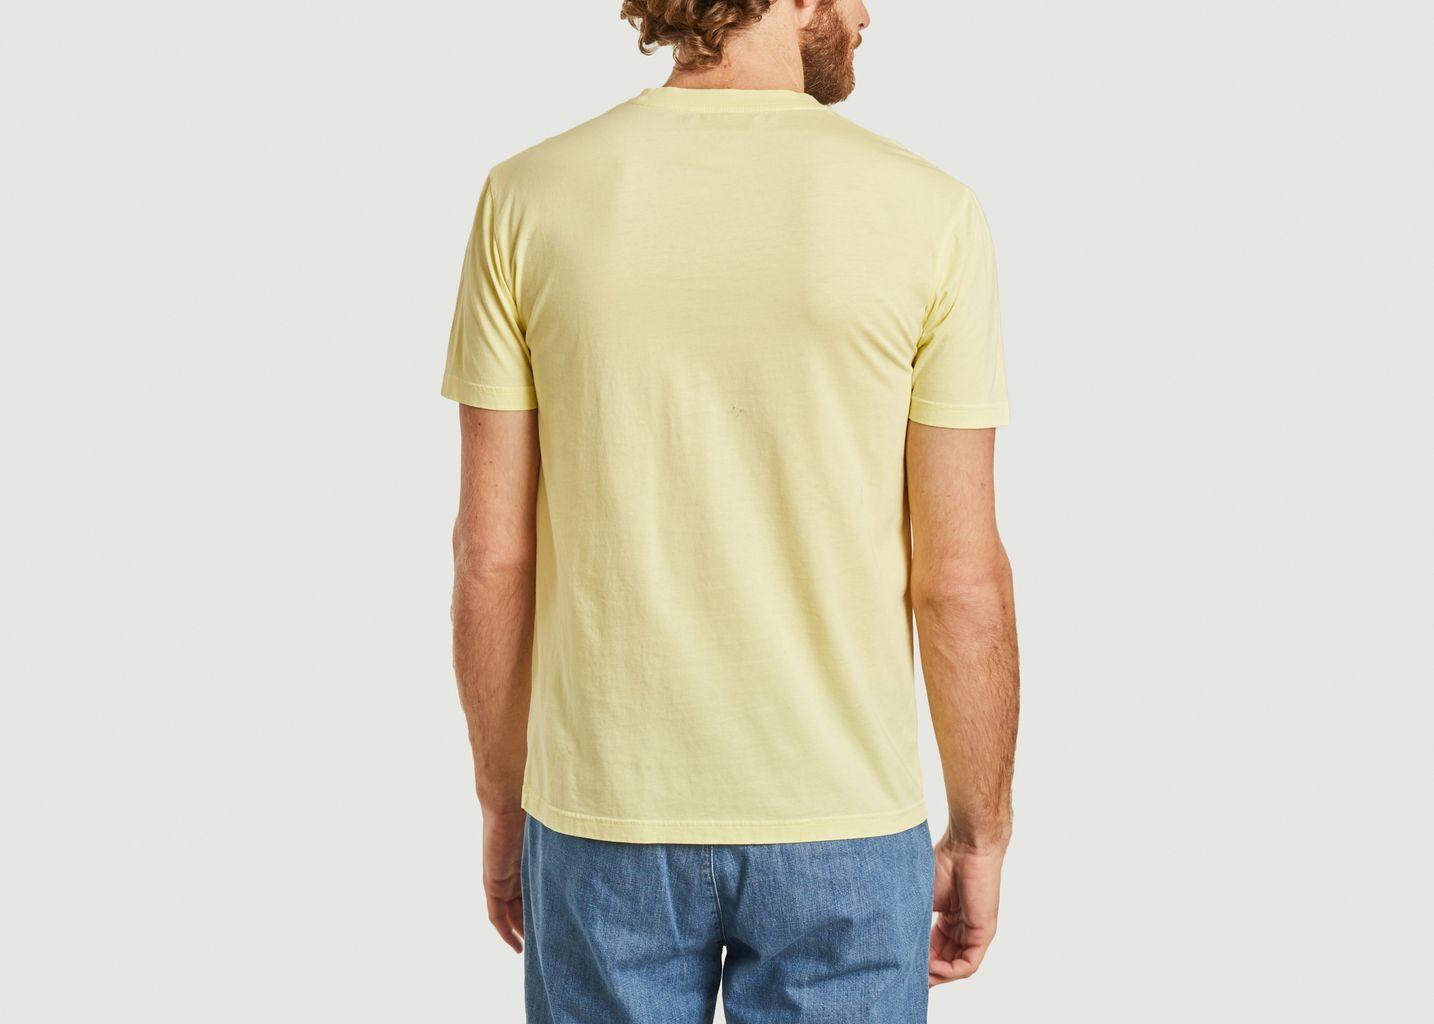 T-shirt Dantas  - La Paz